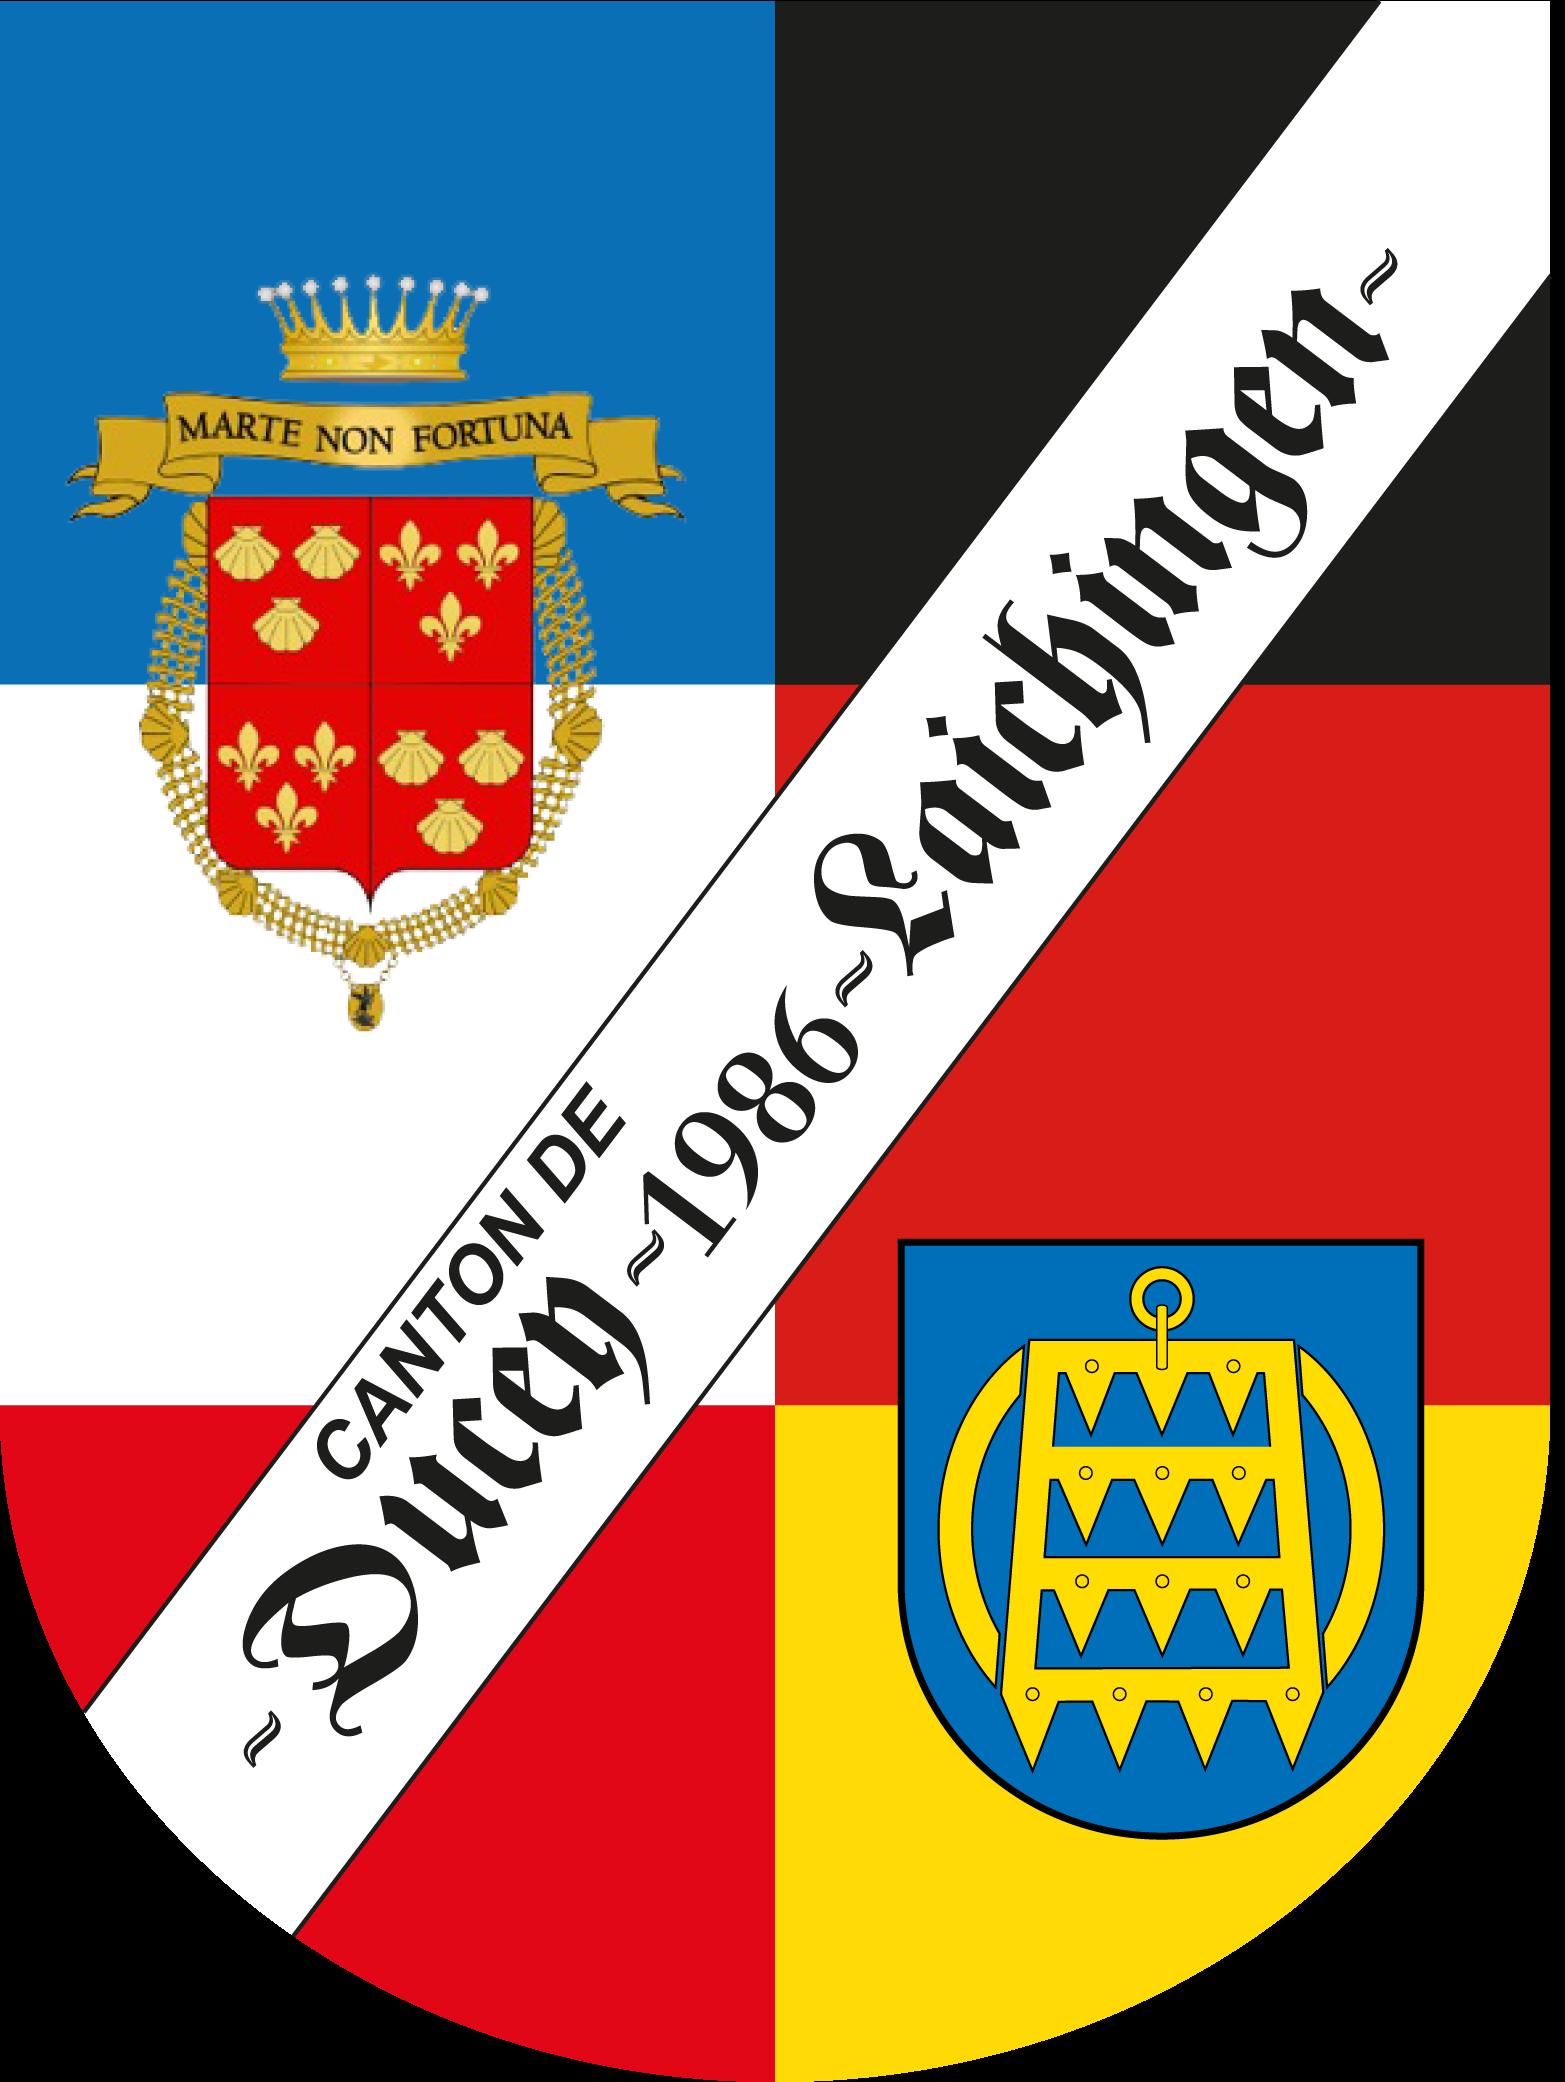 Partnerschaftslogo Ducey-Laichingen